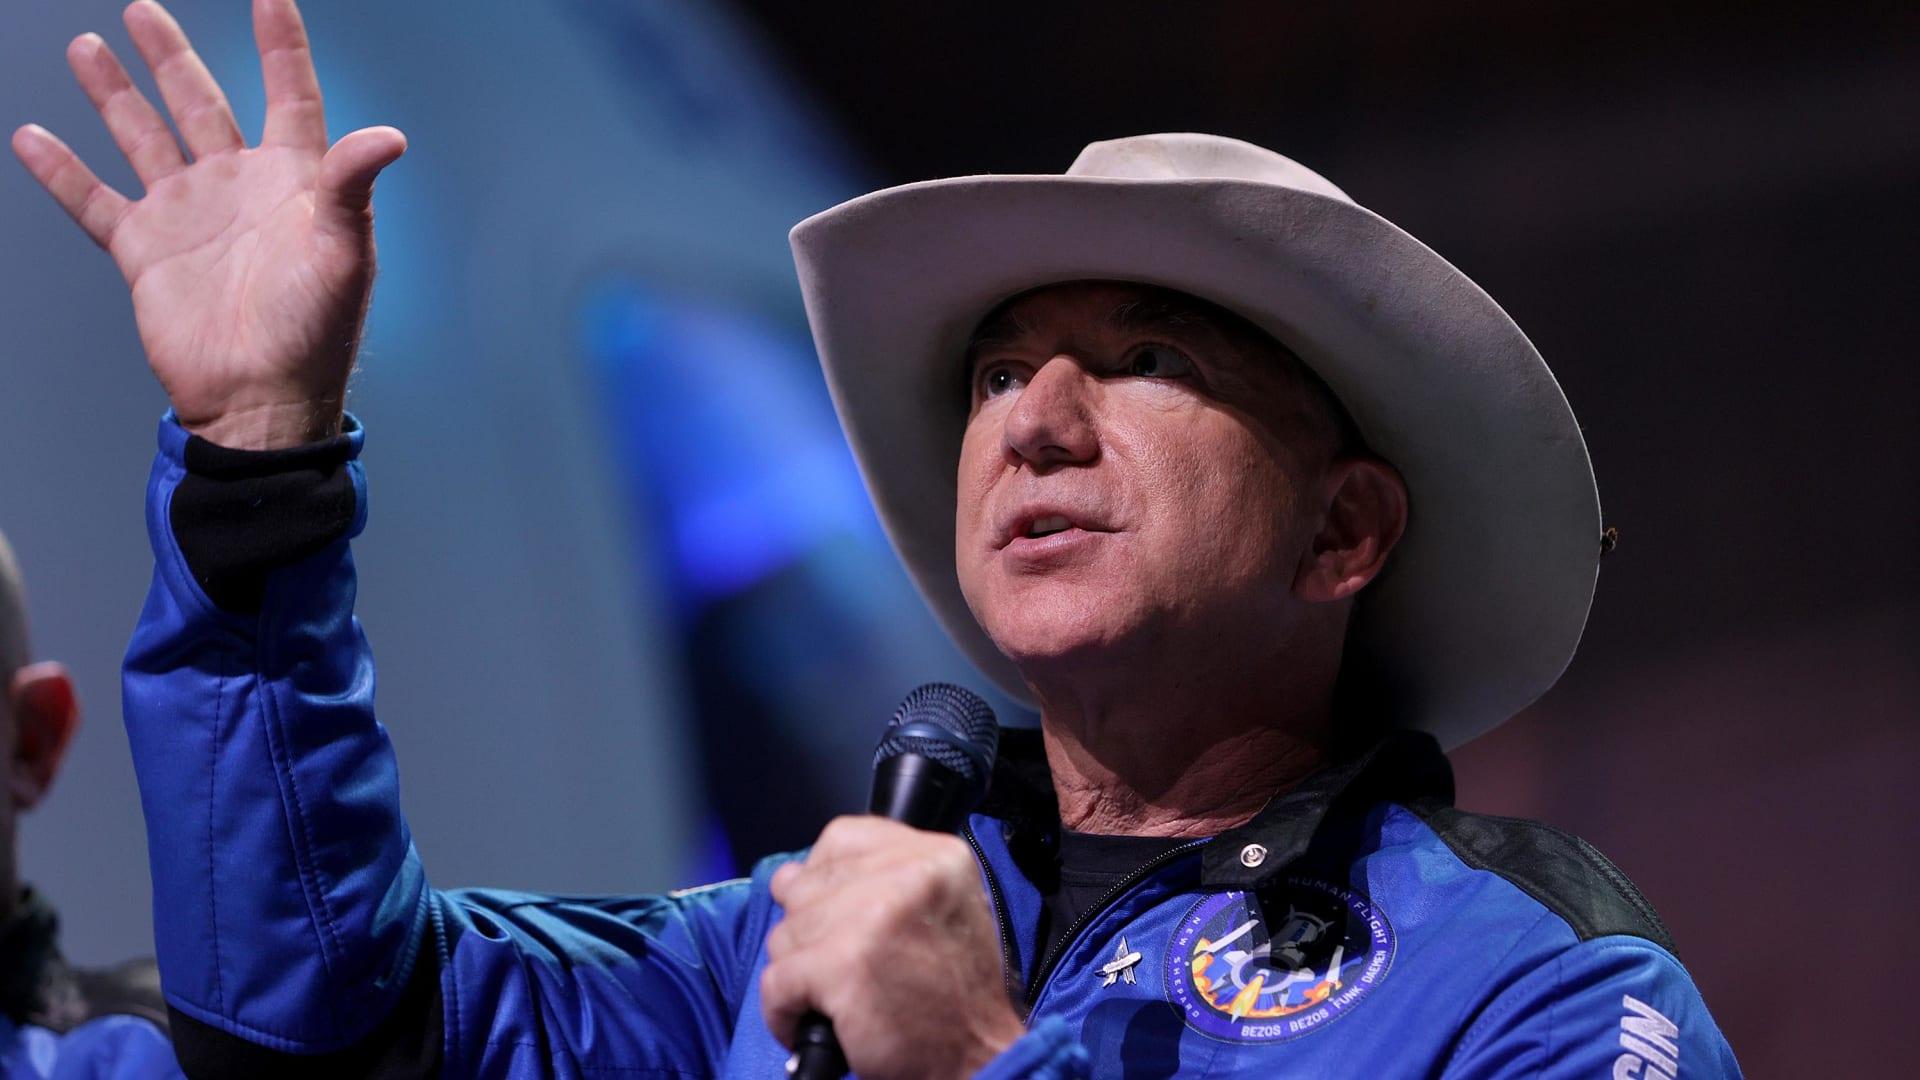 """جيف بيزوس يعرض 2 مليار دولار على ناسا لإعادة """"بلو أوريجين"""" إلى سباق القمر"""